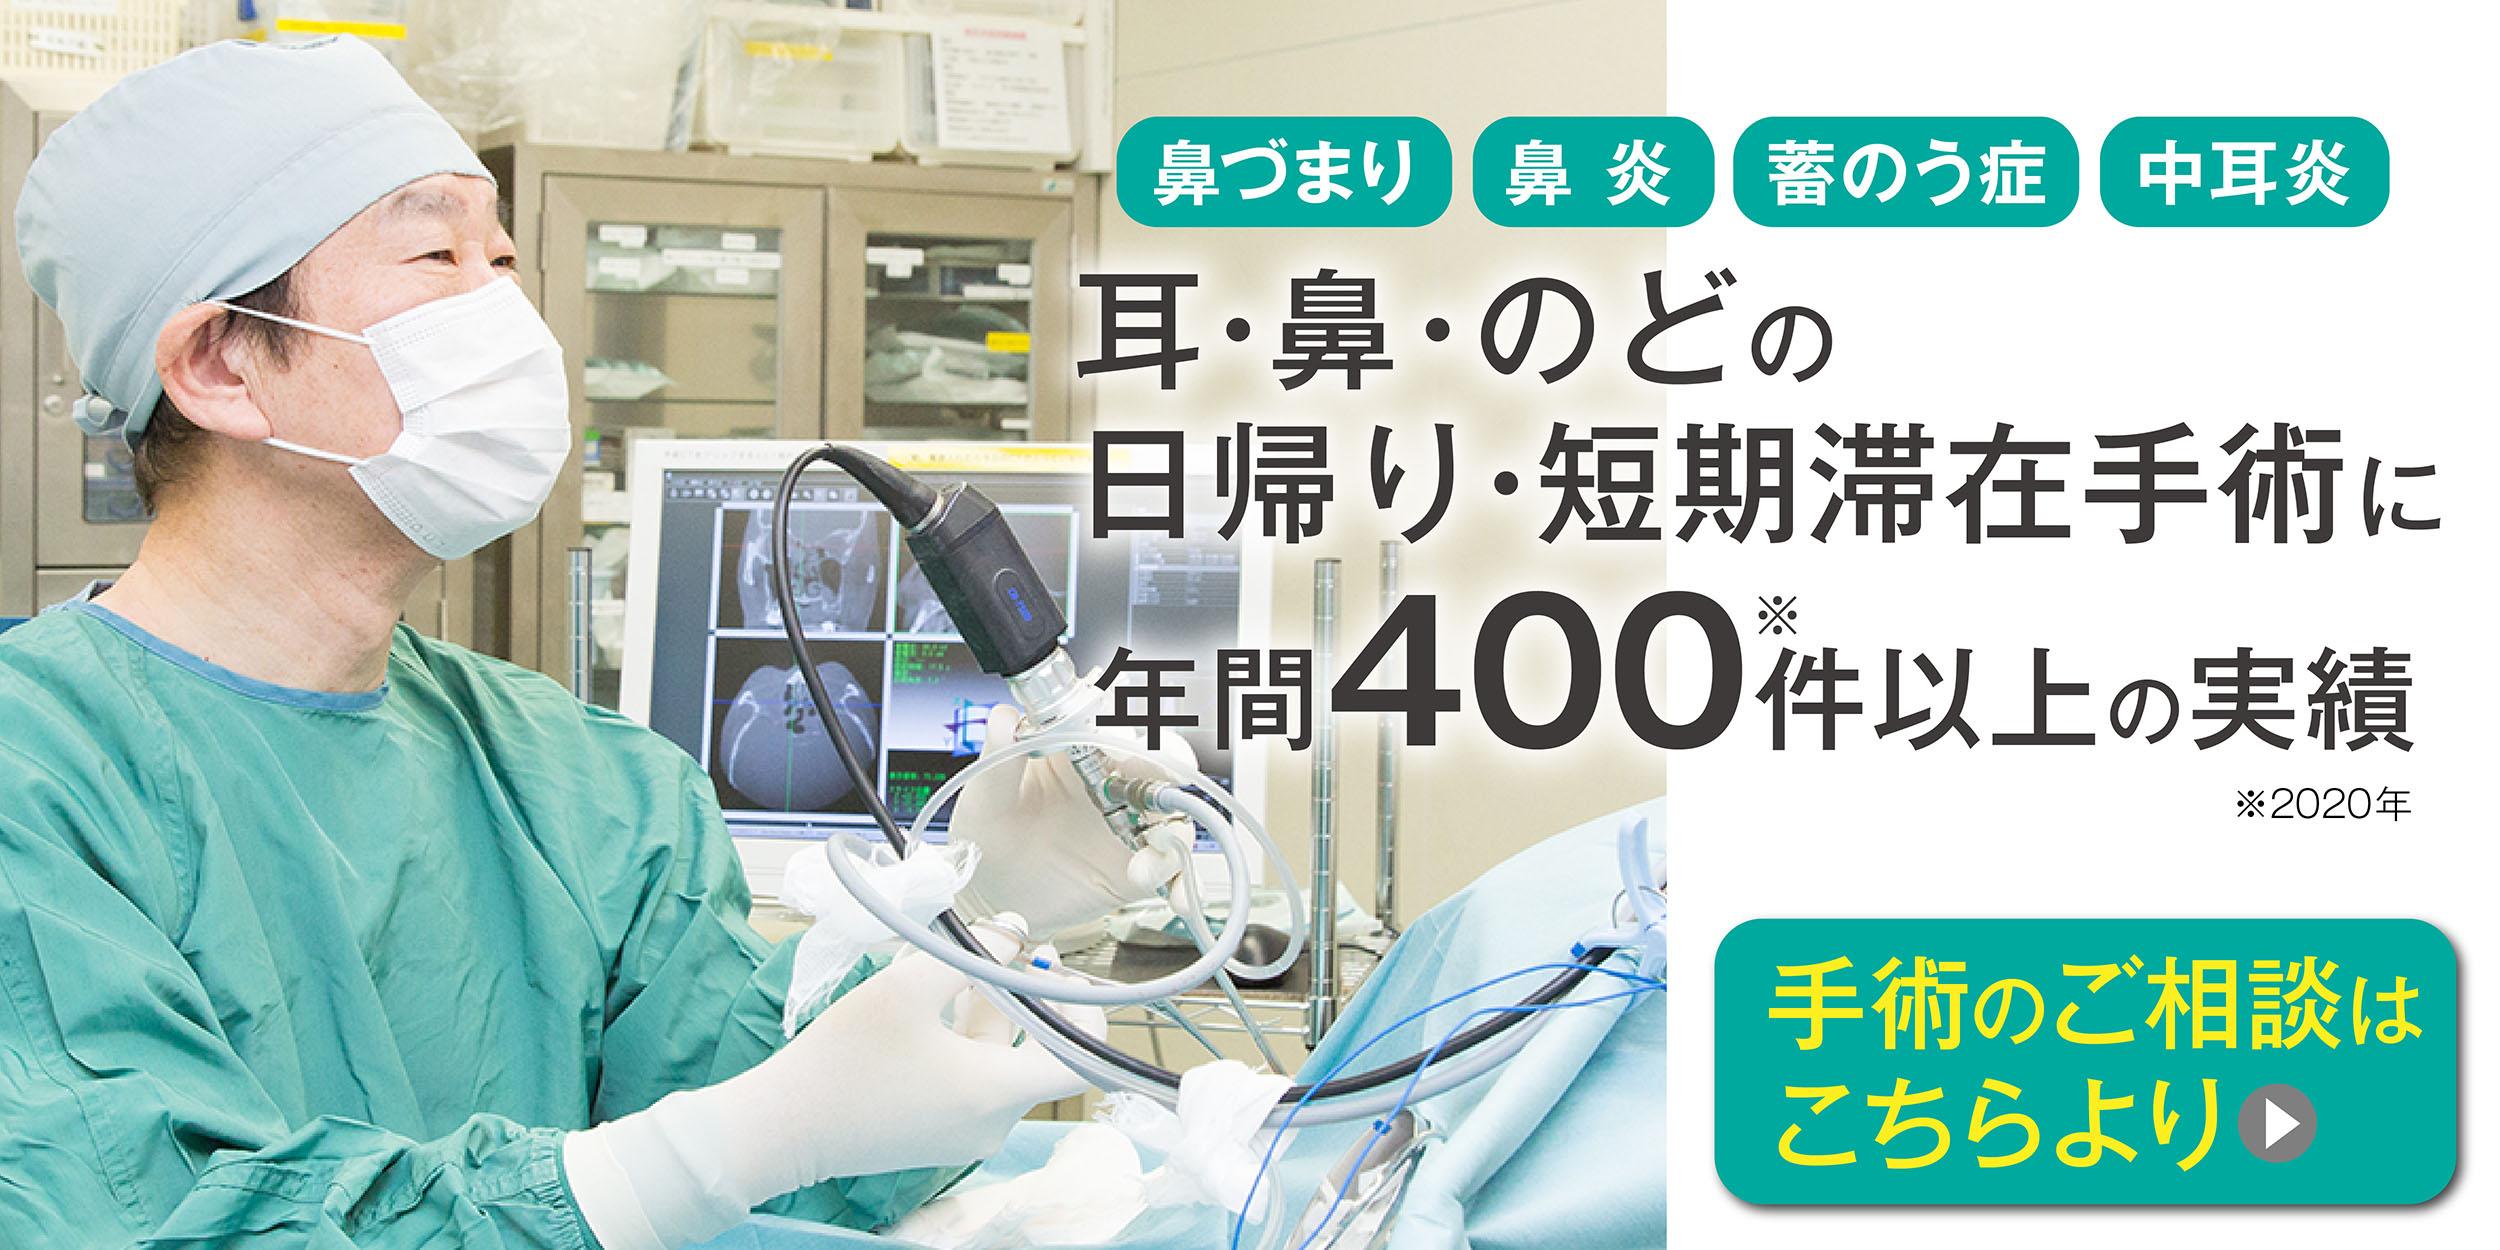 「鼻づまり」「鼻炎」「蓄のう症」「中耳炎」など耳・鼻・のどの日帰り・短期滞在手術に年間400件以上の実績